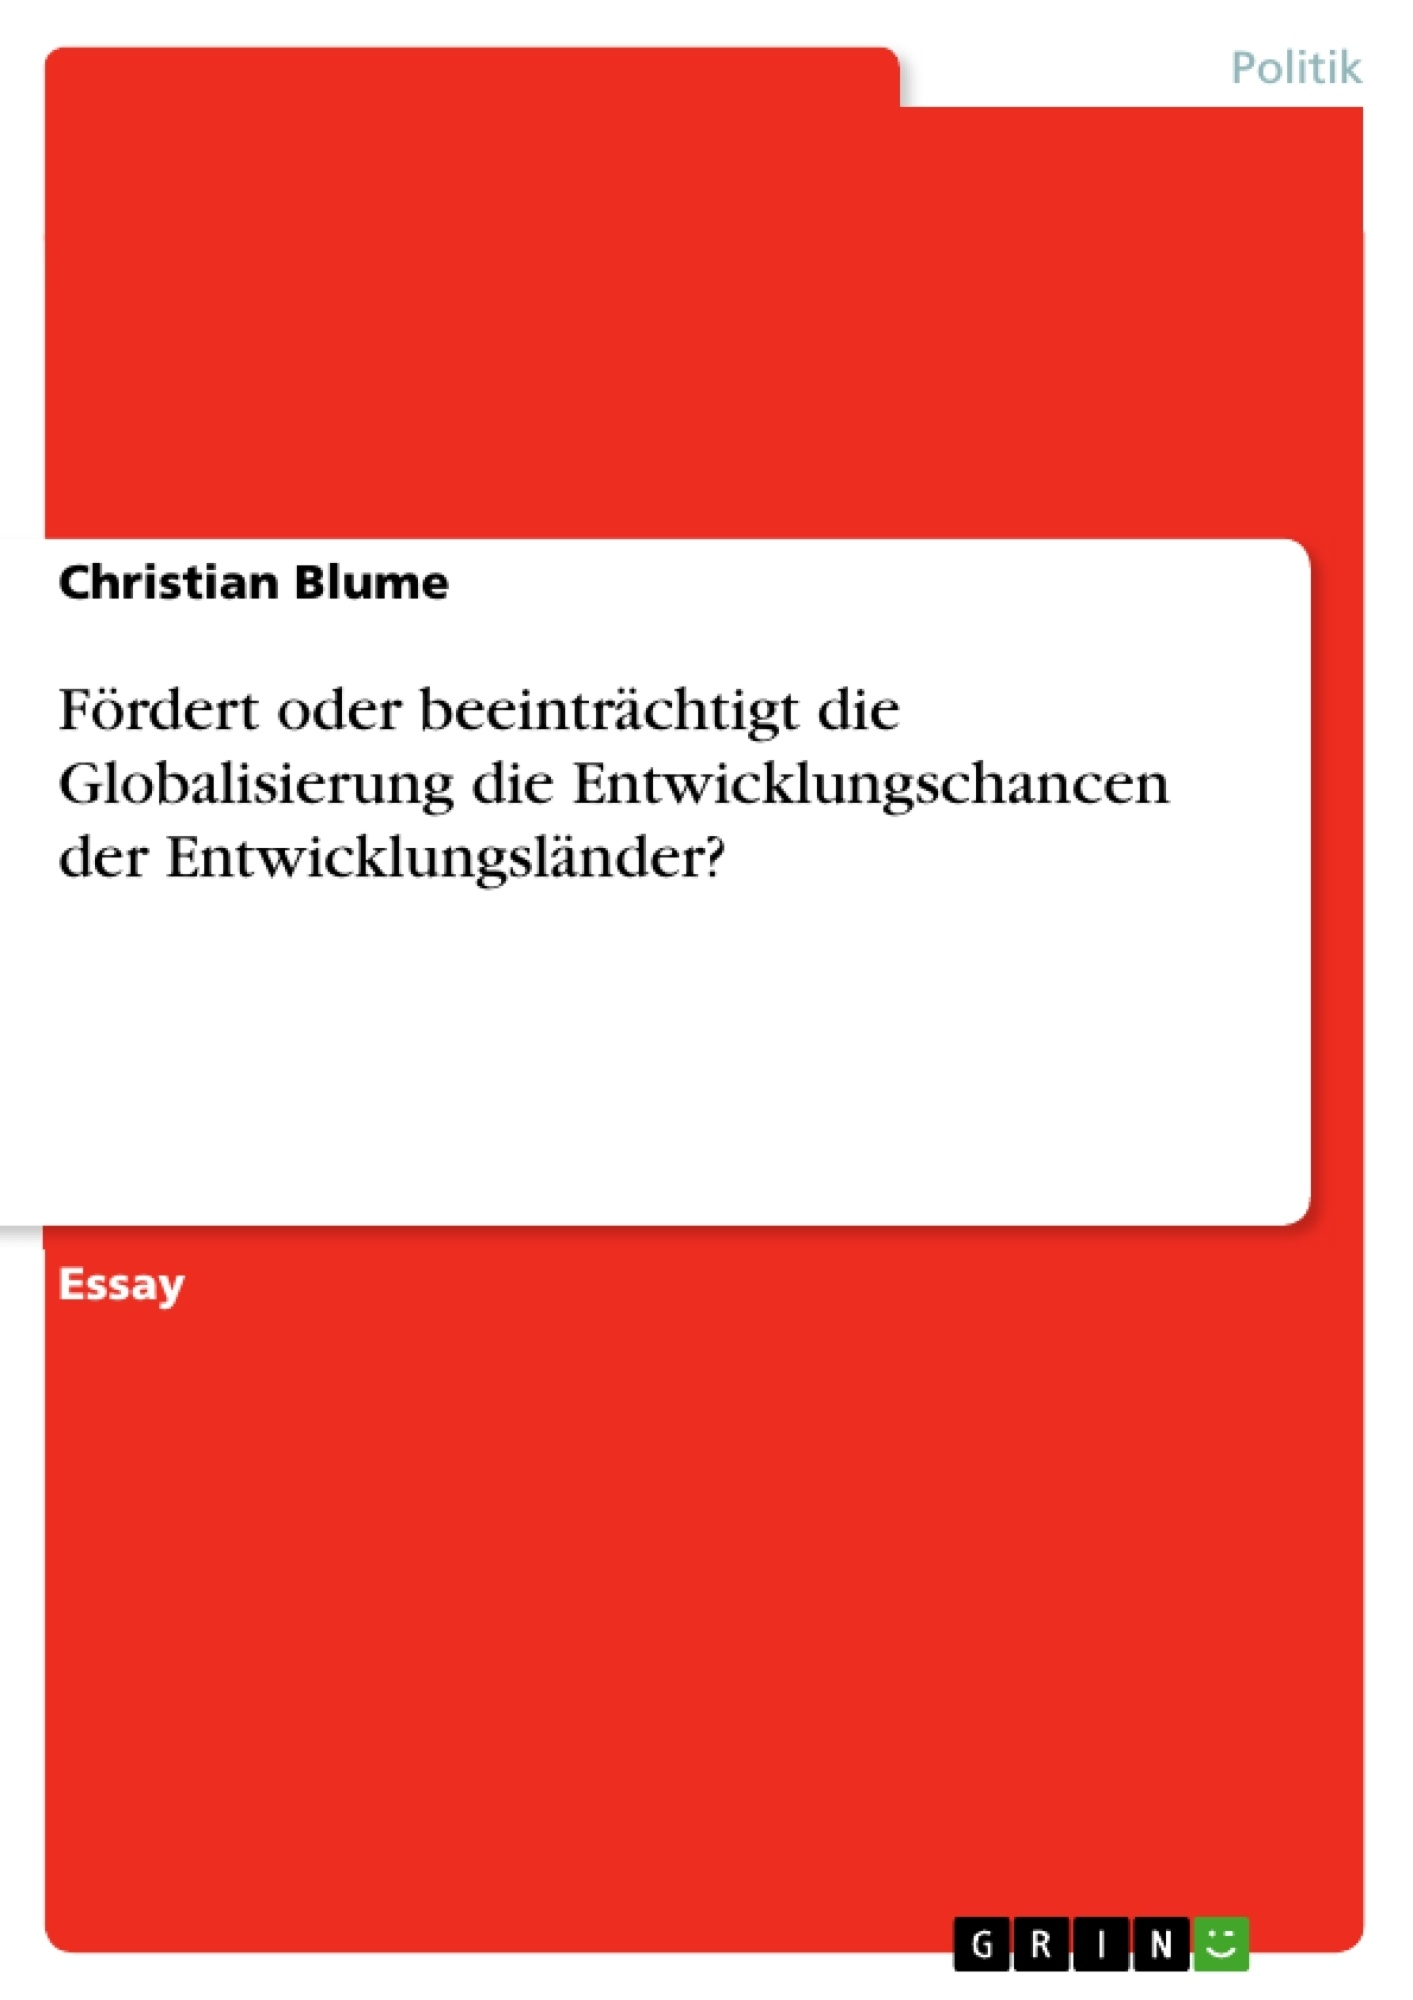 Titel: Fördert oder beeinträchtigt die Globalisierung die Entwicklungschancen der Entwicklungsländer?